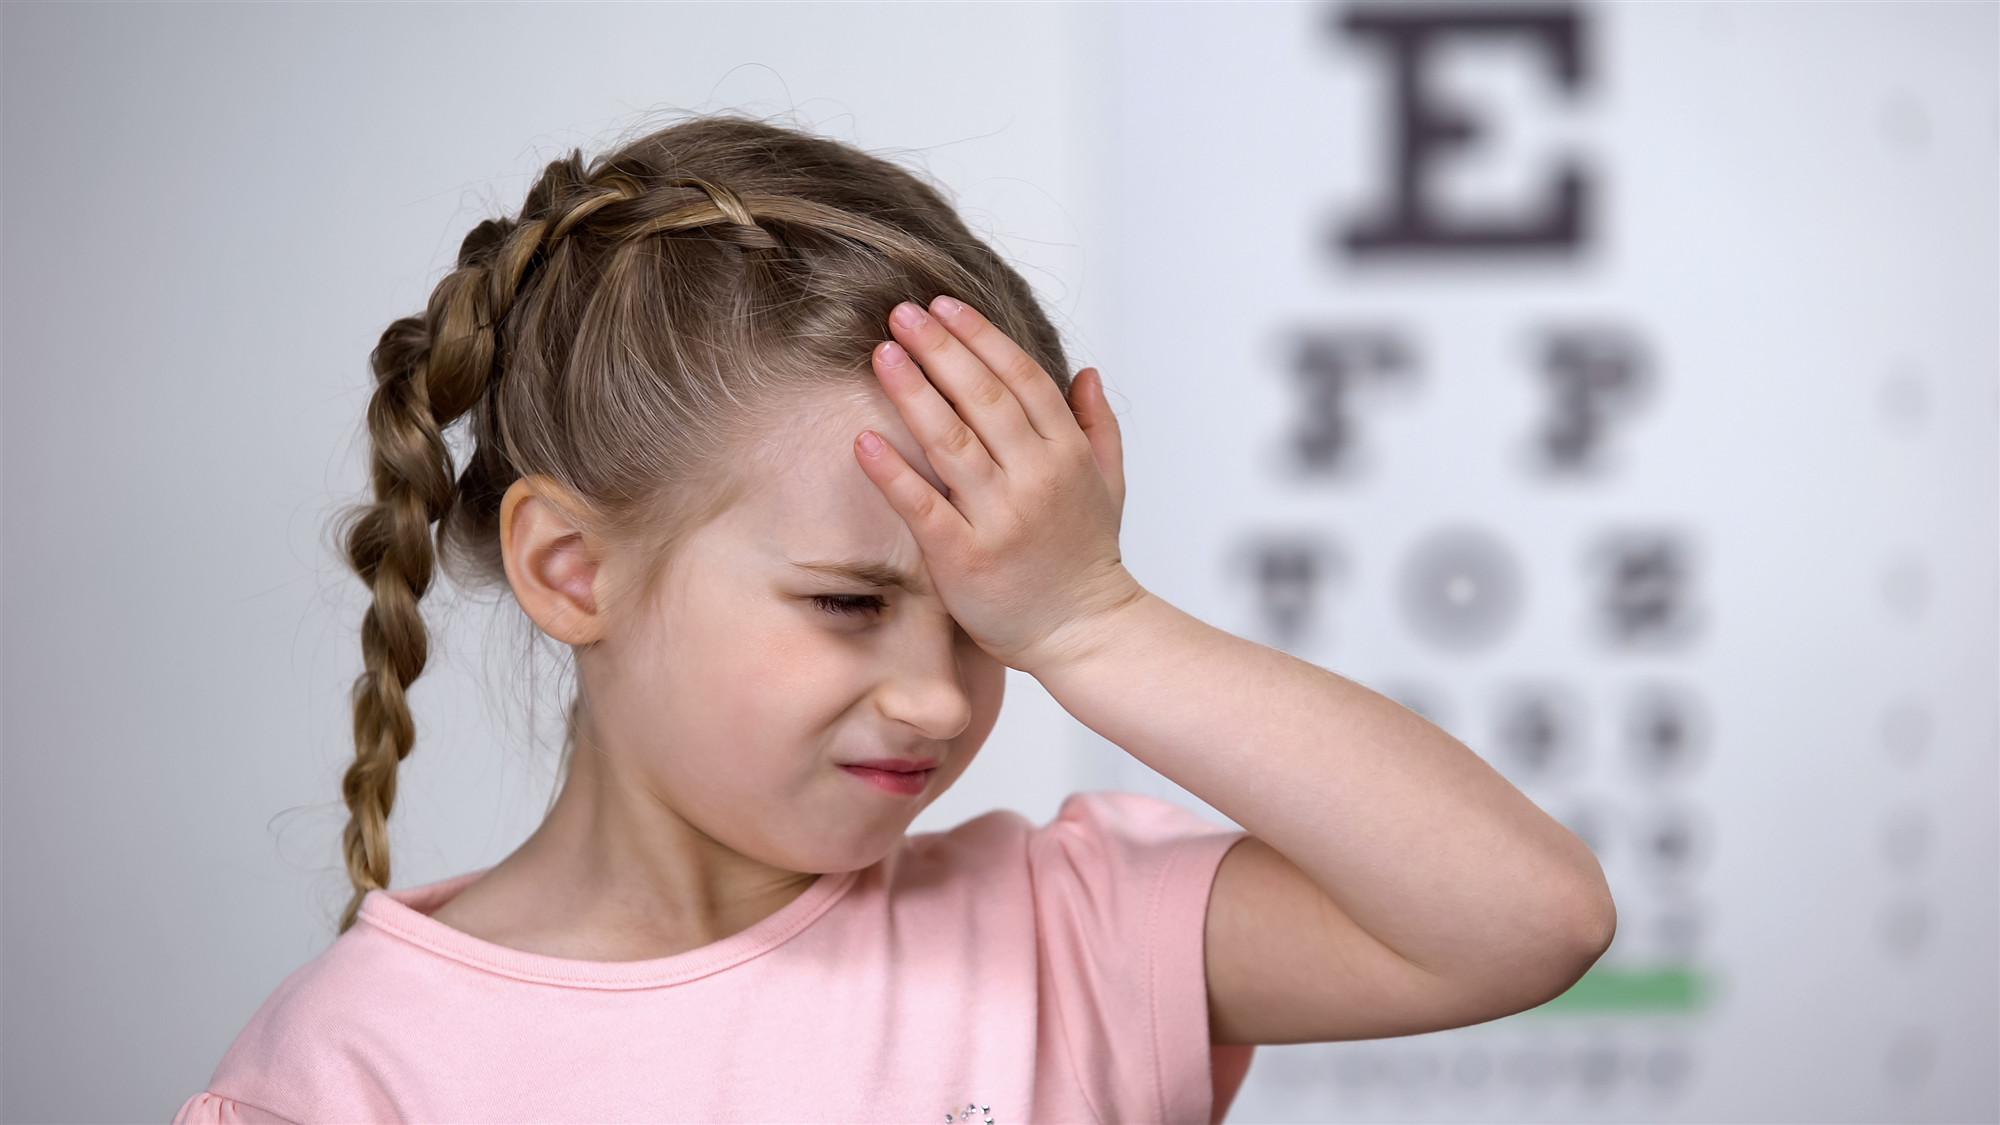 贝瞳科普|一只眼睛近视,一只眼睛远视,可以同时做手术矫正吗?